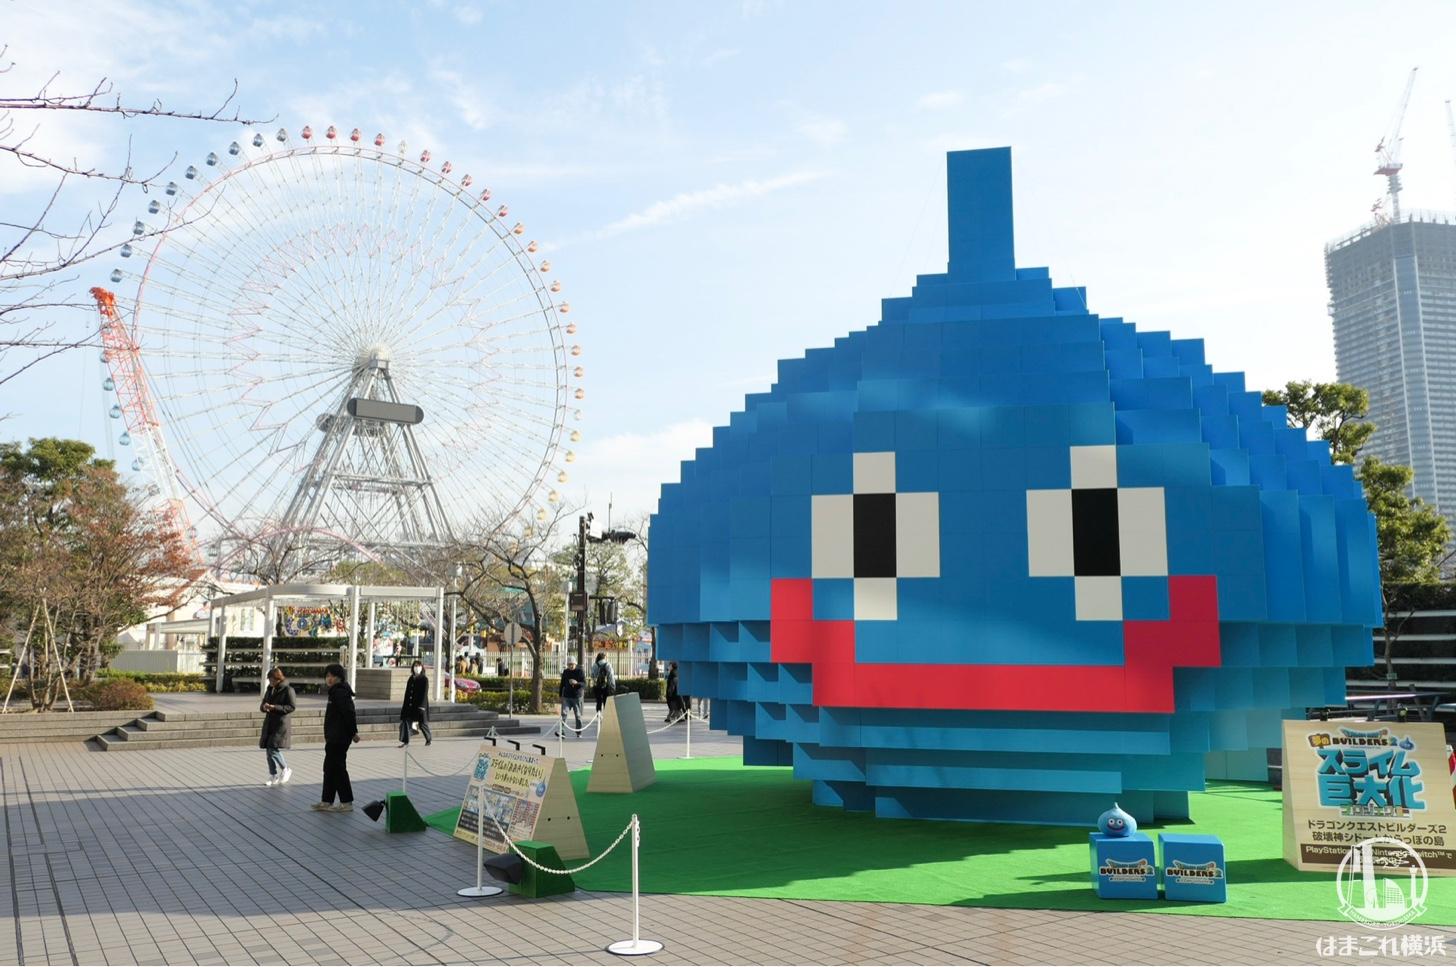 超巨大スライムが横浜・みなとみらいに出現!間近で見るとかなりデカい